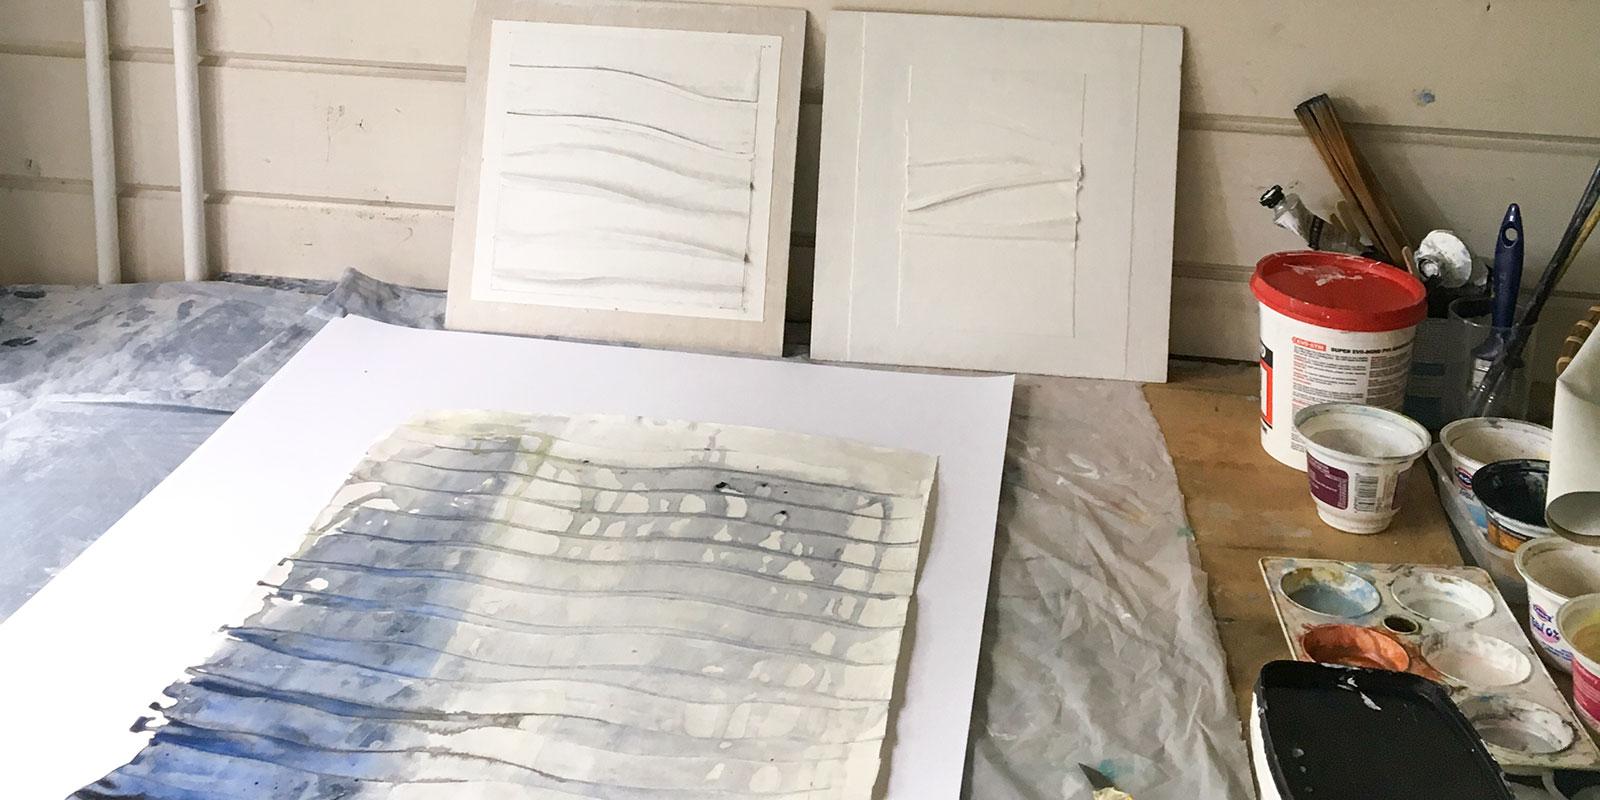 Pauline Lerry's studio